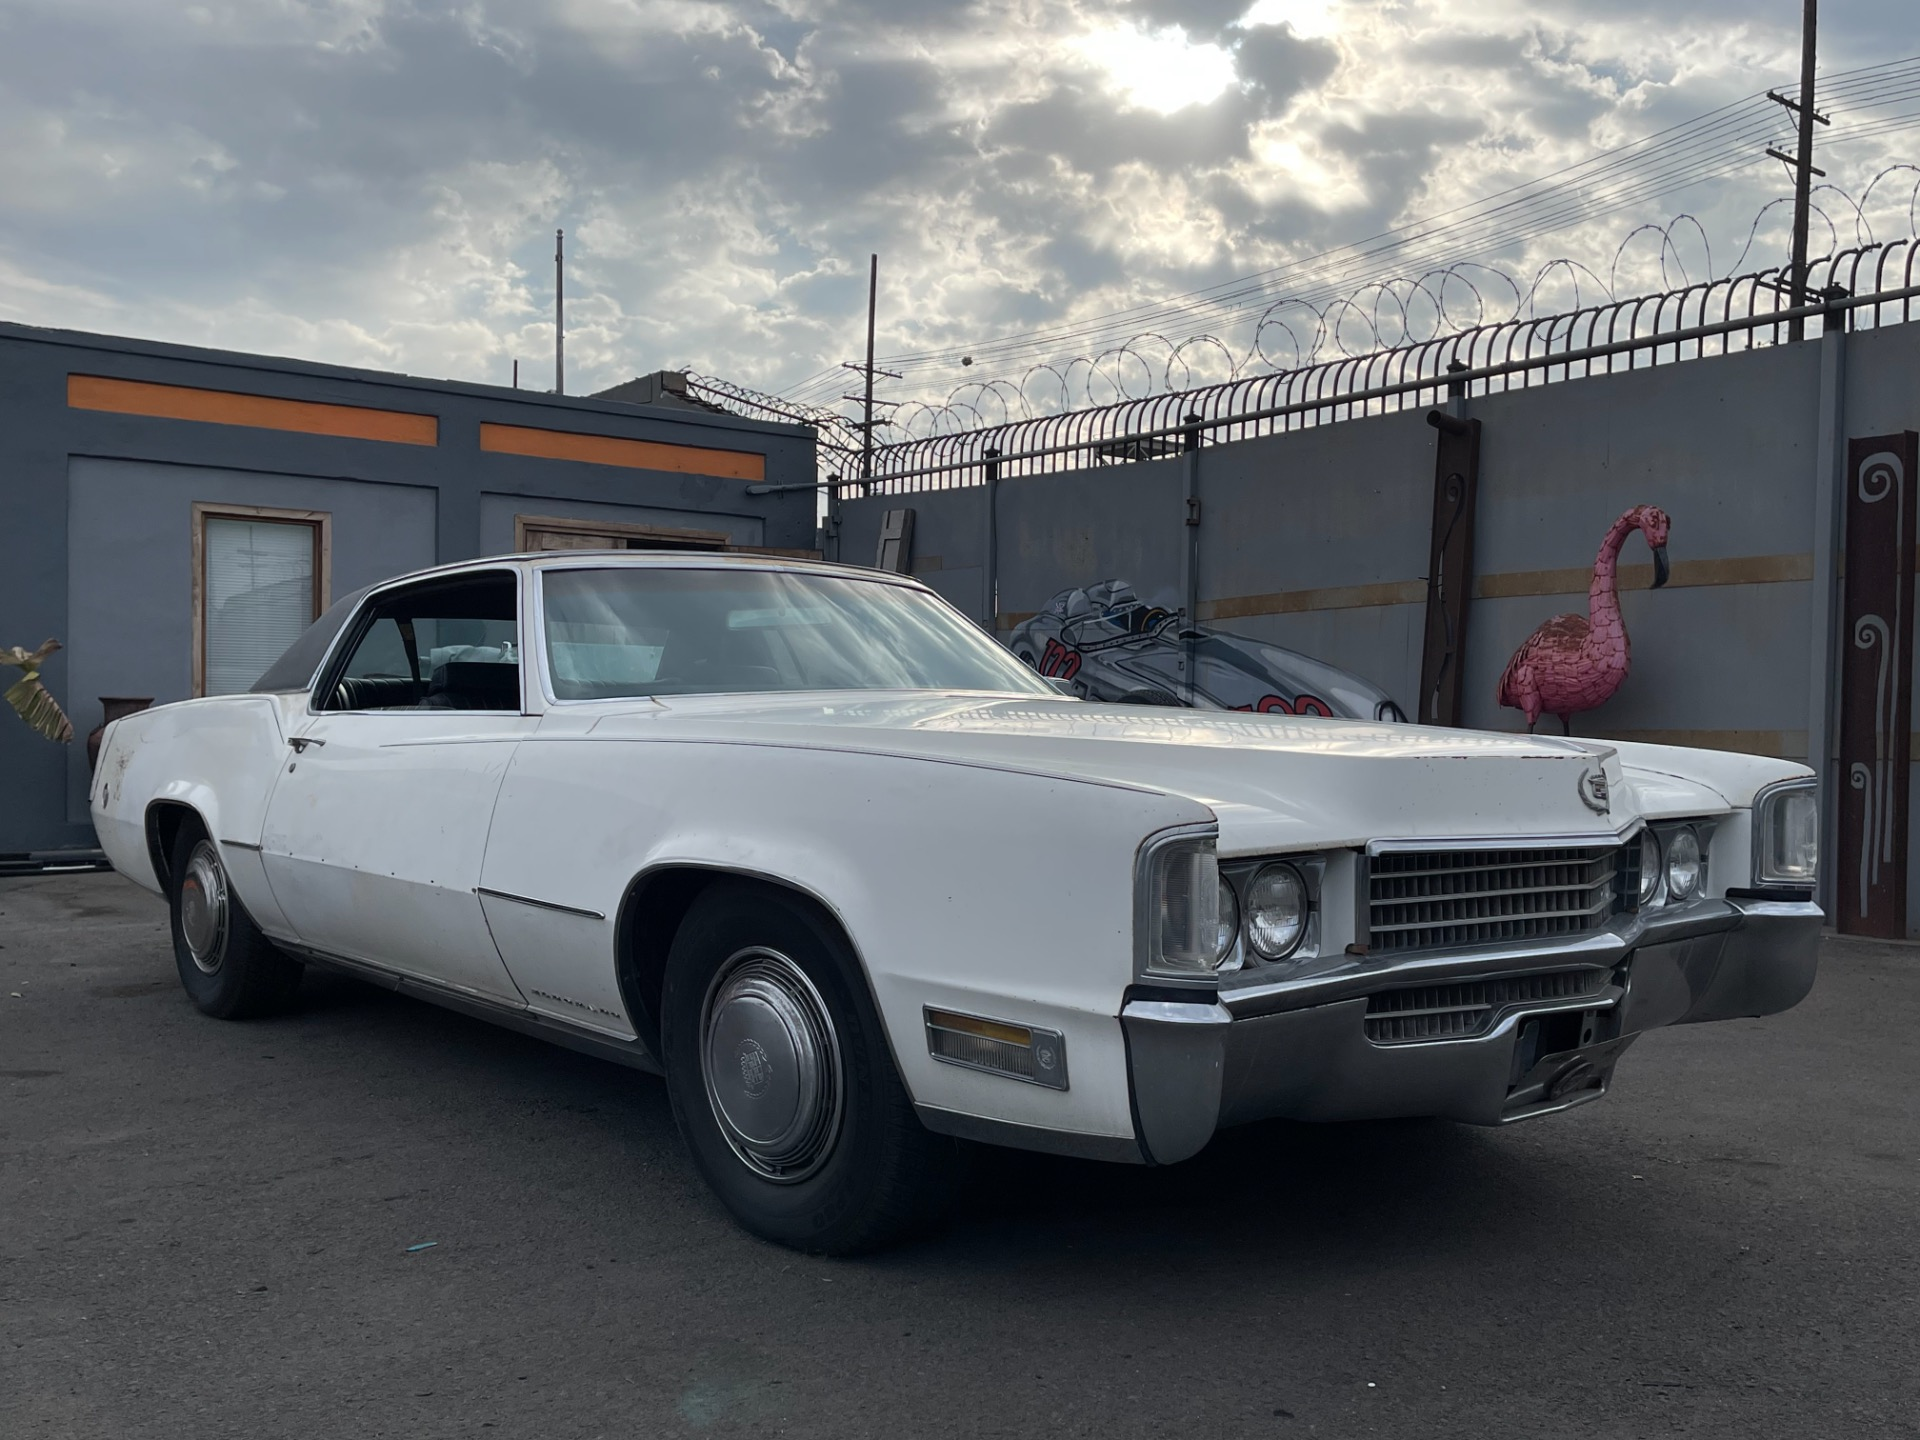 Used 1970 Cadillac El Dorado